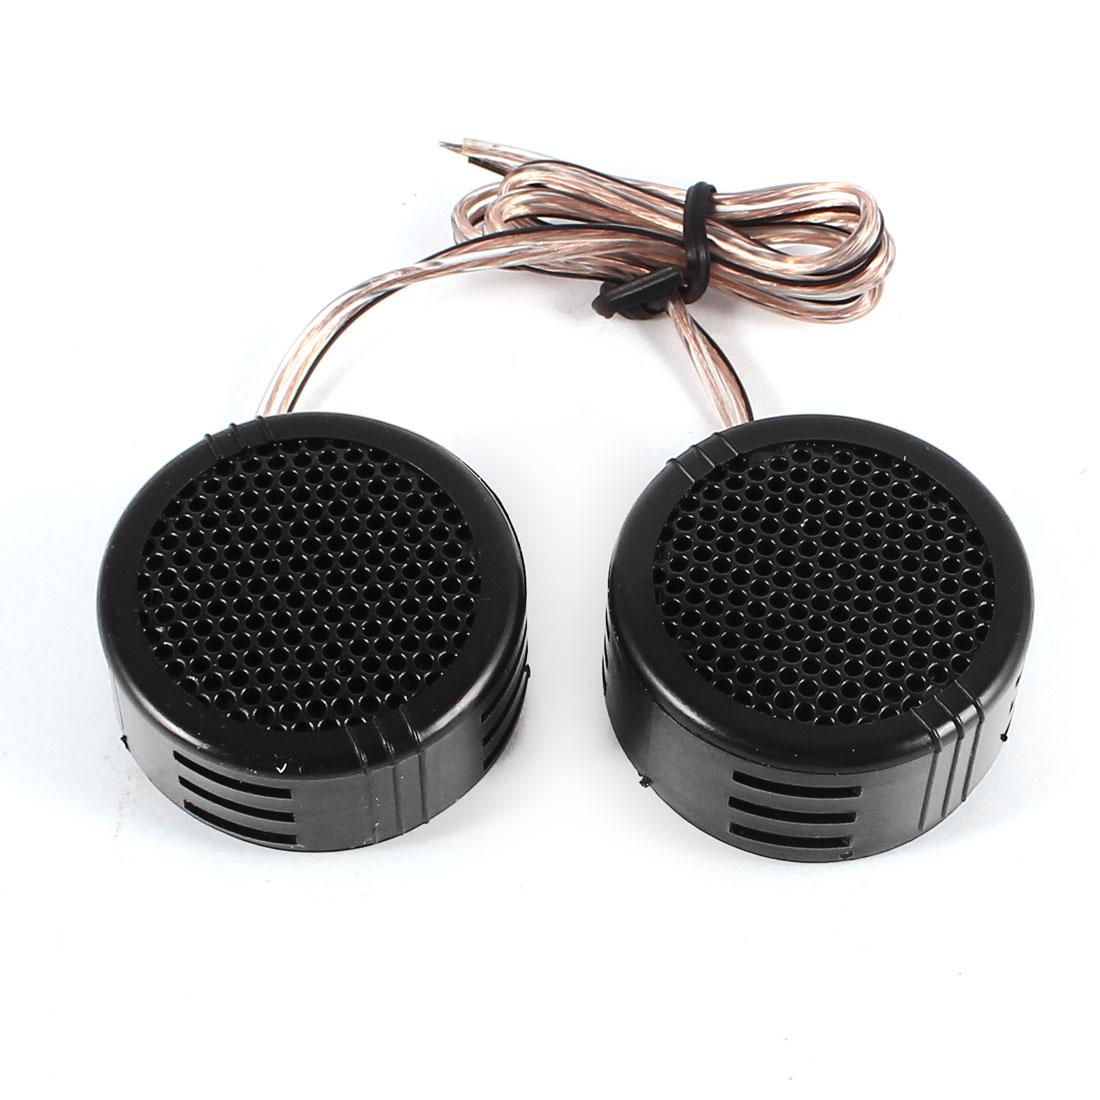 Vehicle Car Audio Black Plastic Flush Mount Loud Speaker Dome Tweeters 120Watts 20cm Cable 2 Pcs